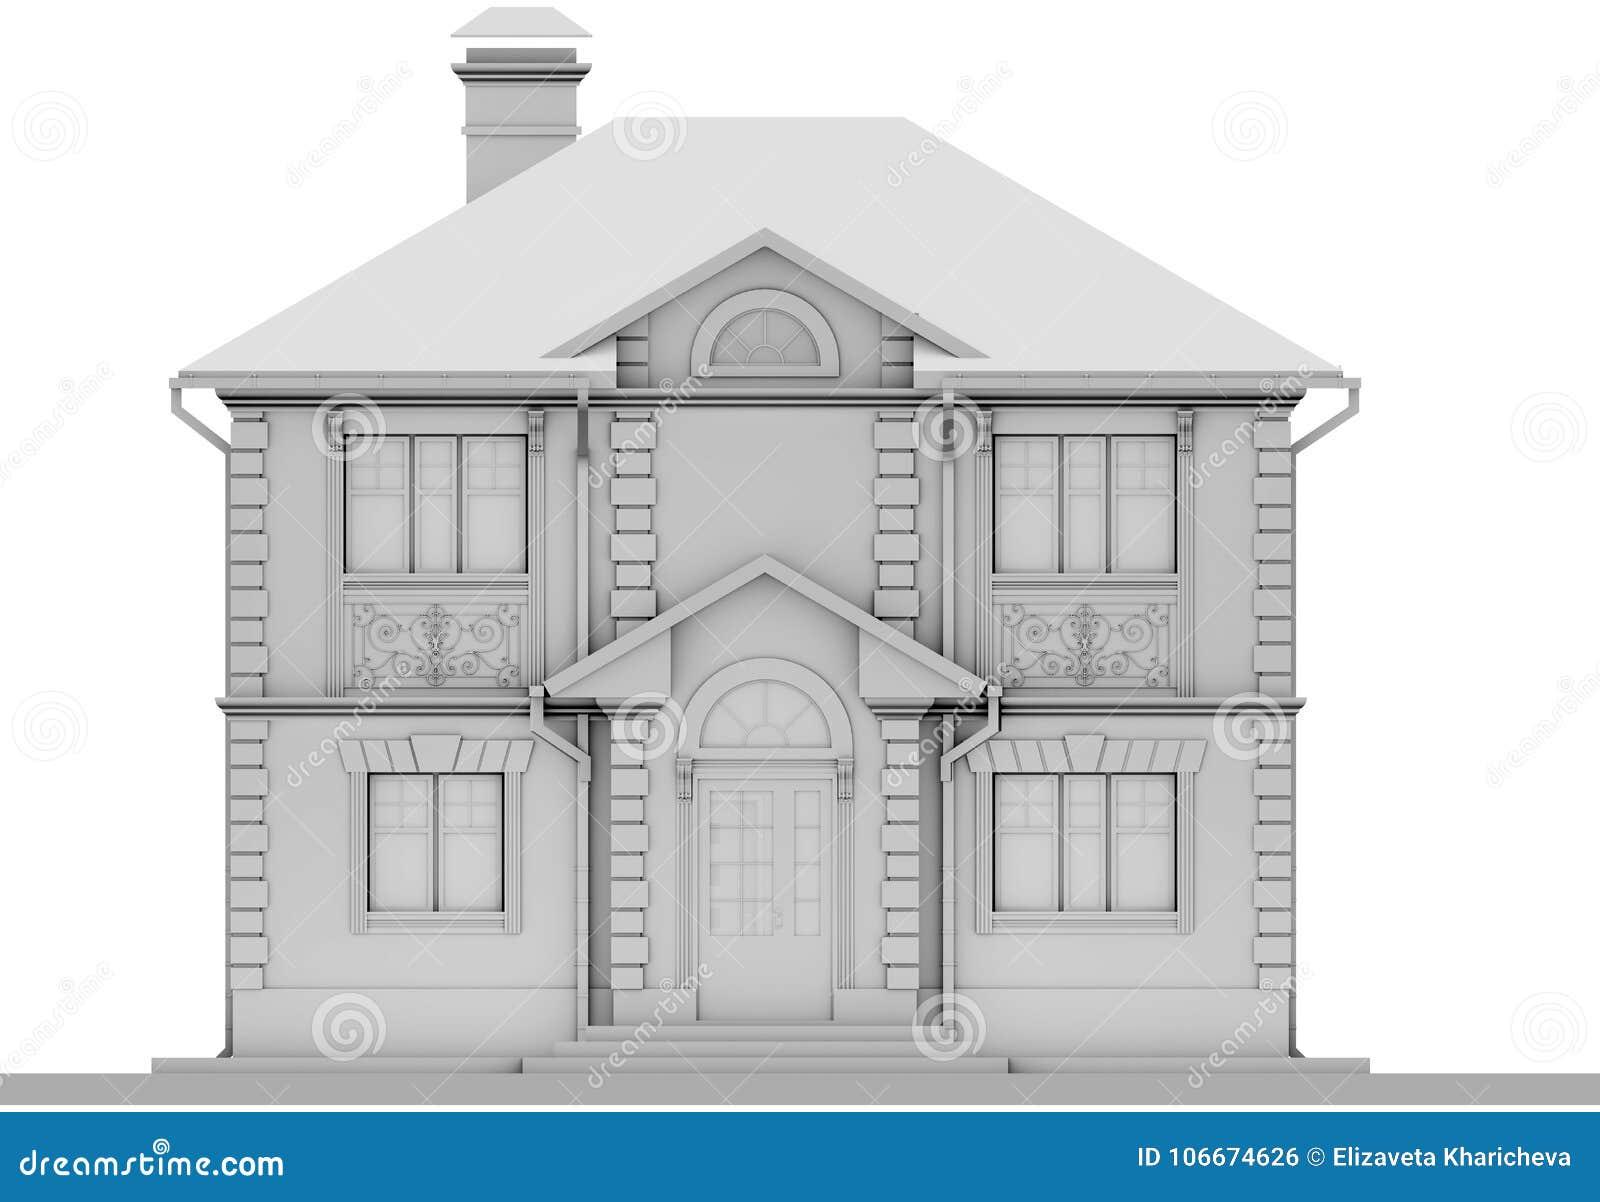 Главный фасад белого коттеджа симметрия перевод 3d